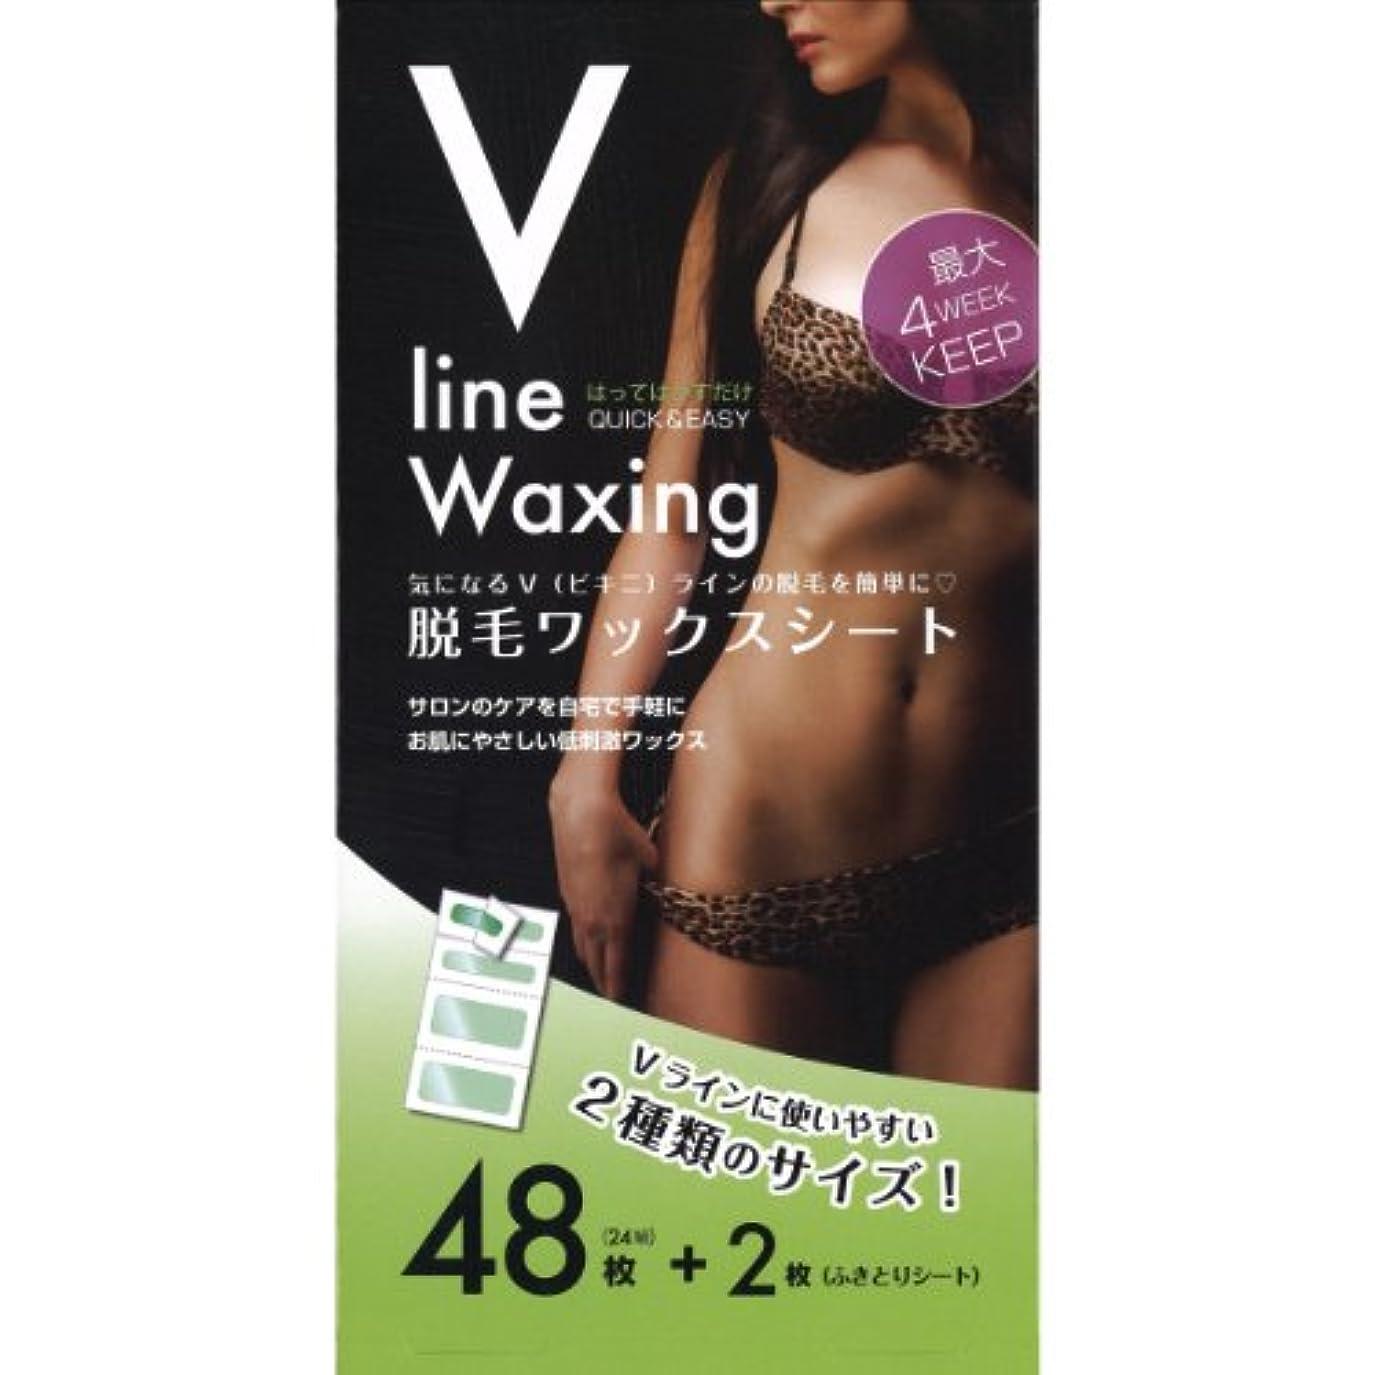 盆息苦しいめったに気になるVラインの脱毛を簡単に Vライン Waxing